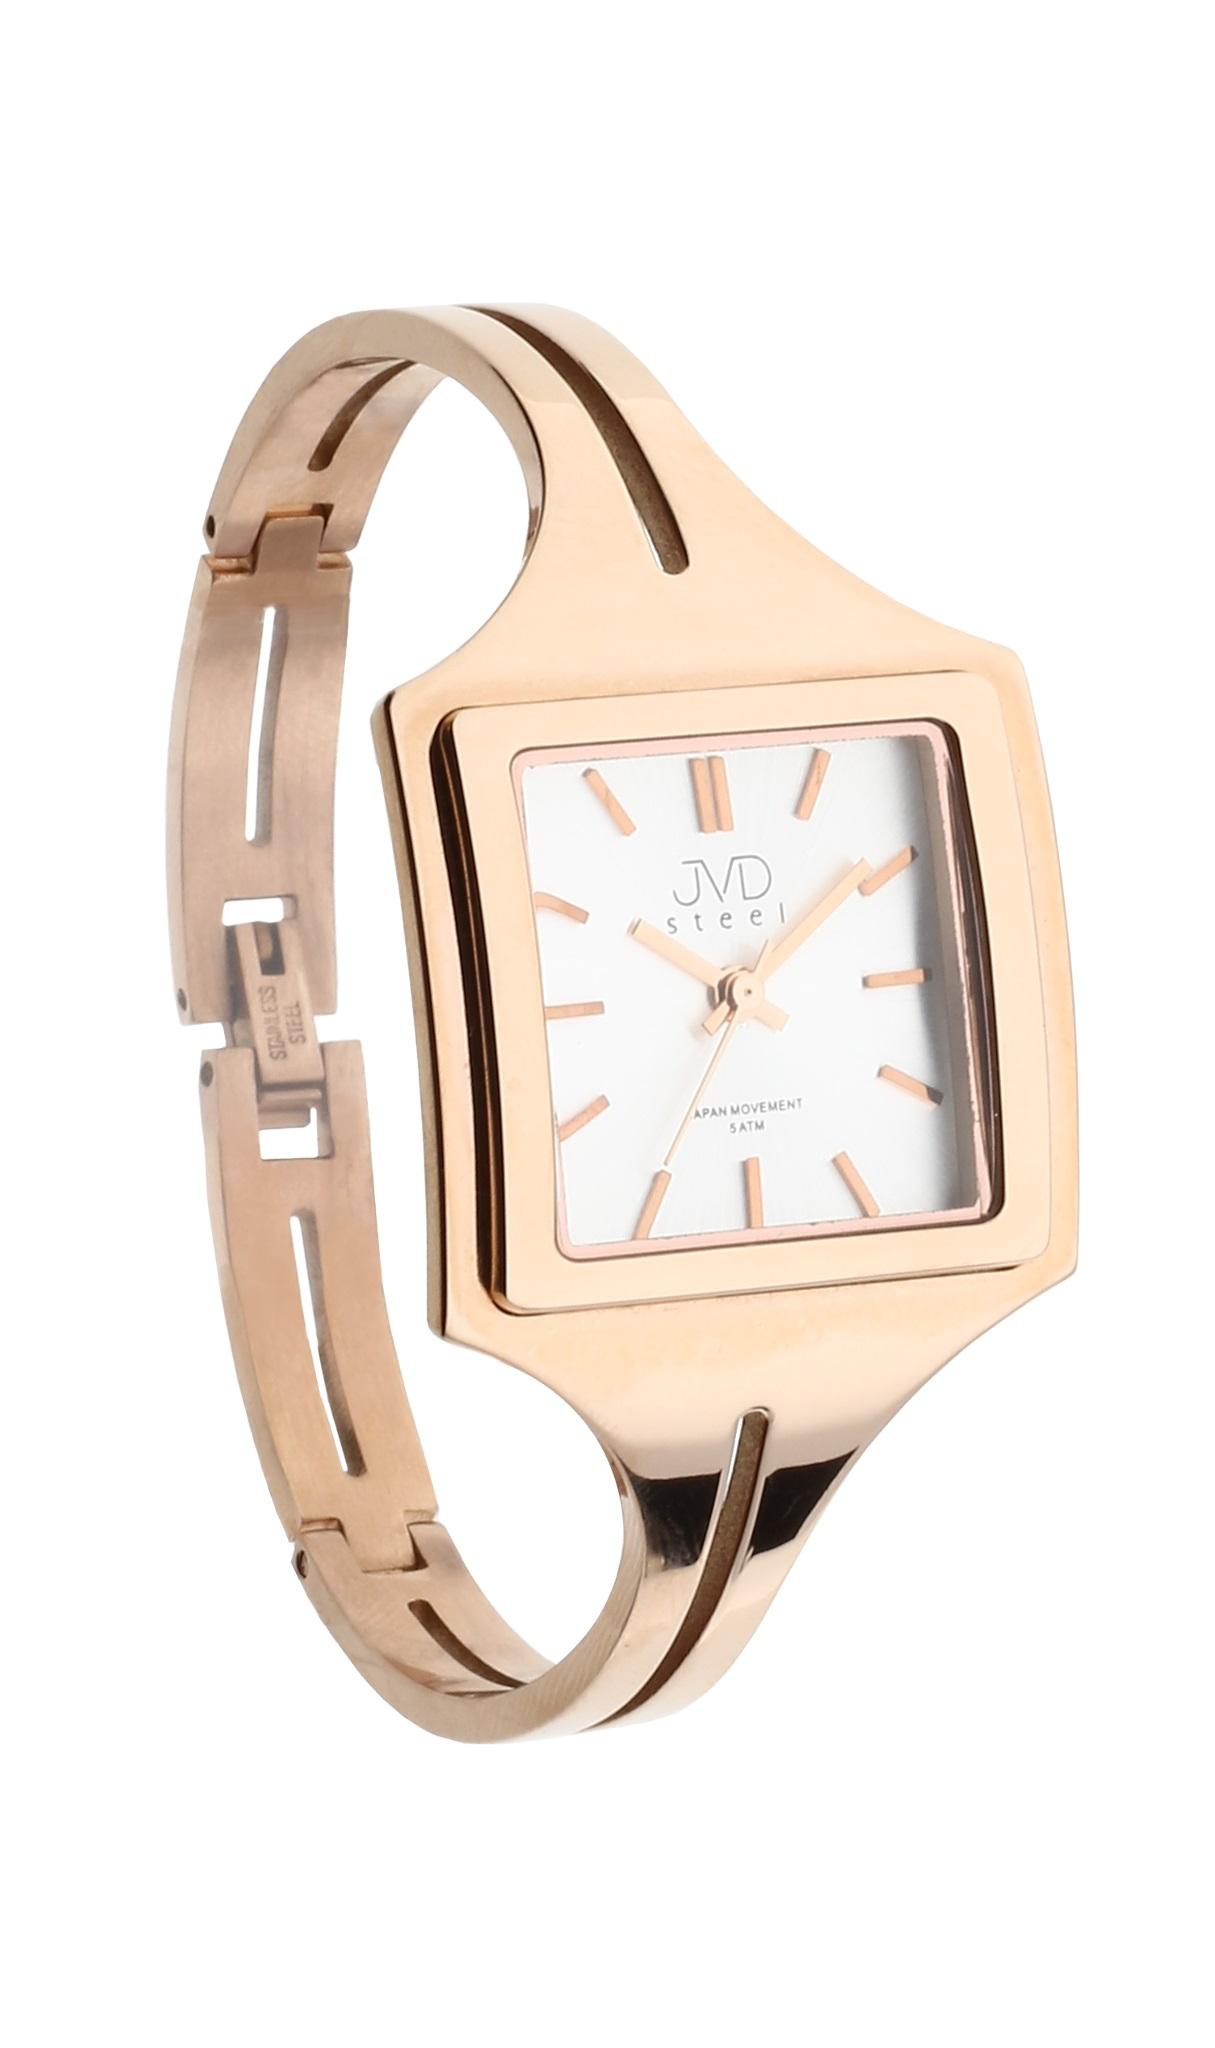 Luxusní dámské ocelové zlacené hodinky JVD steel J4092.3 (POŠTOVNÉ ZDARMA!!)